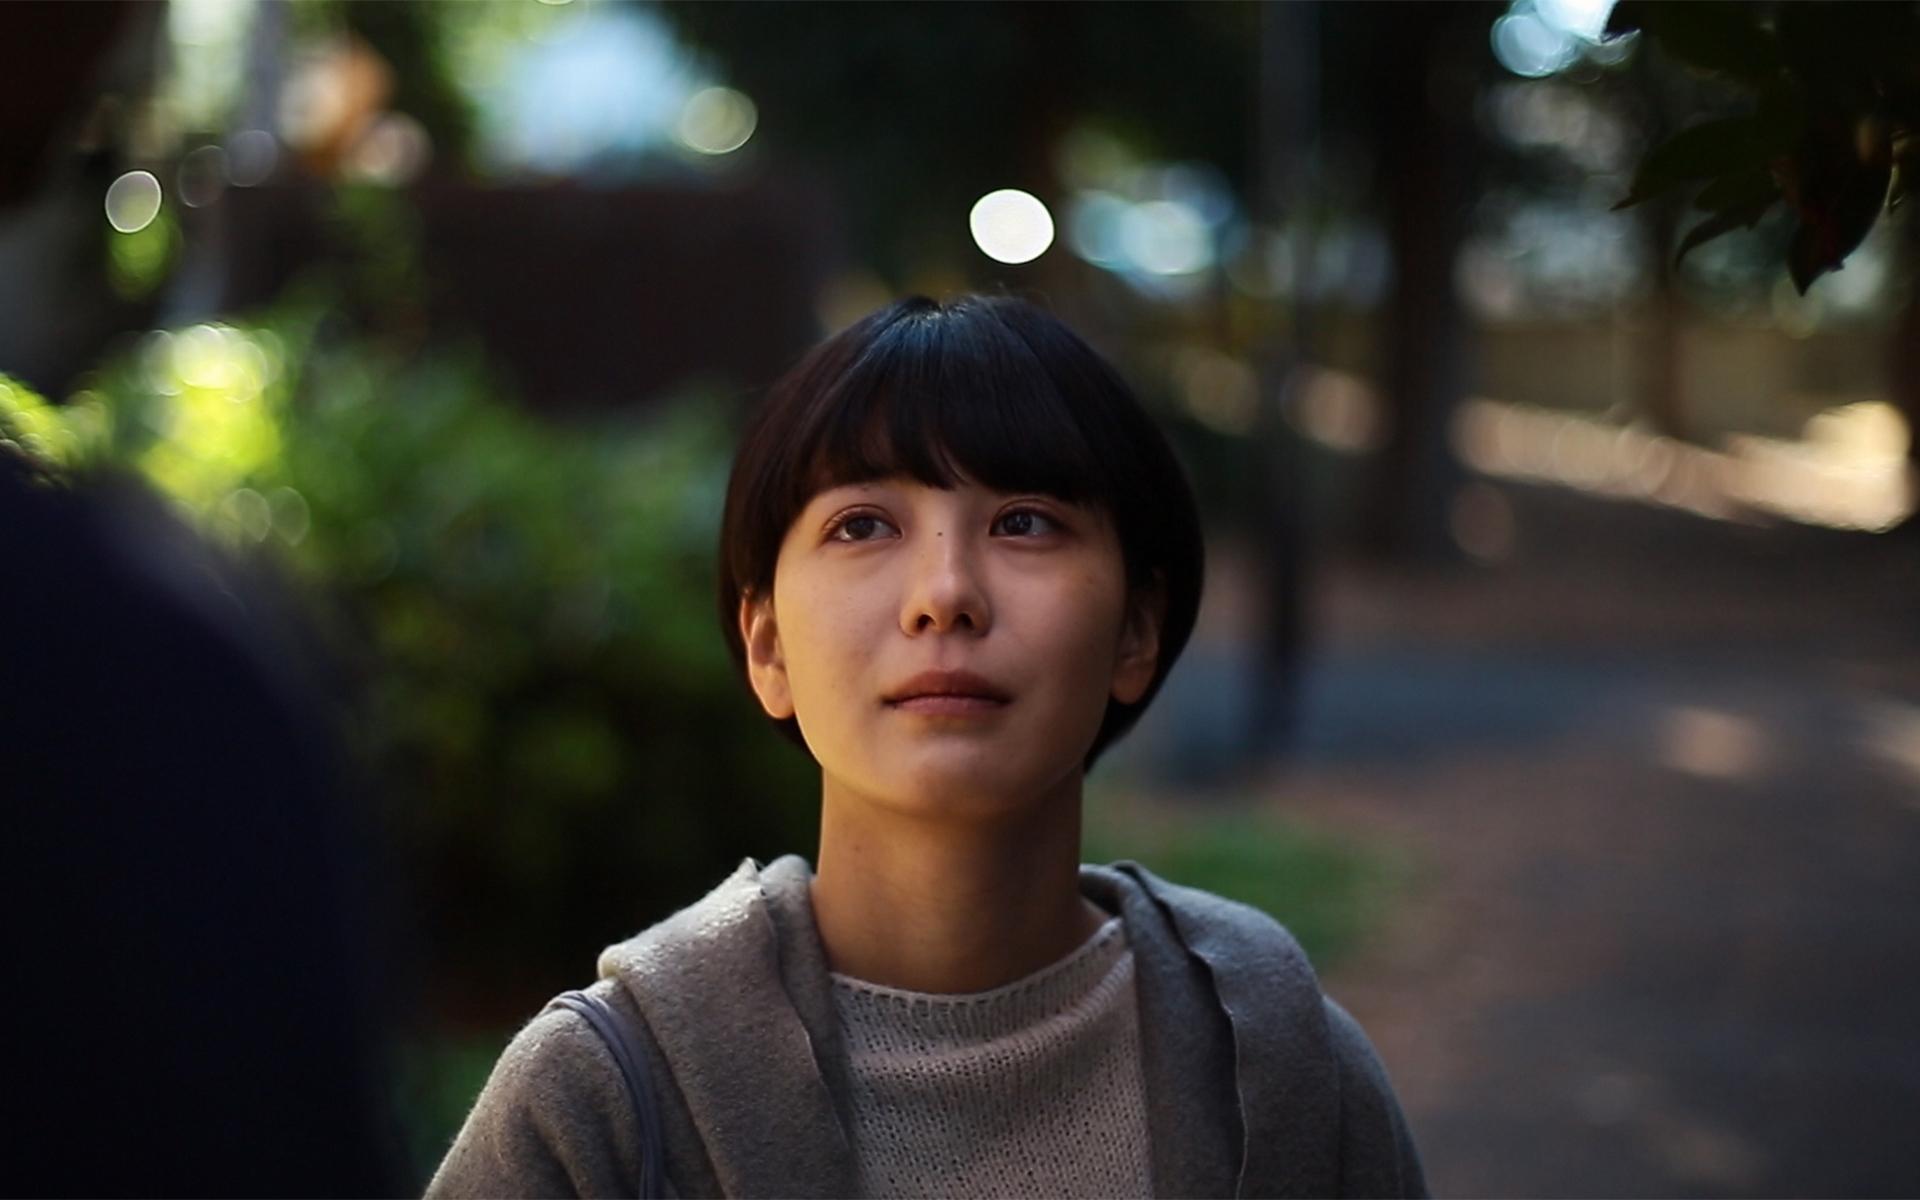 瀬戸かほ (C)2019 キングレコード株式会社